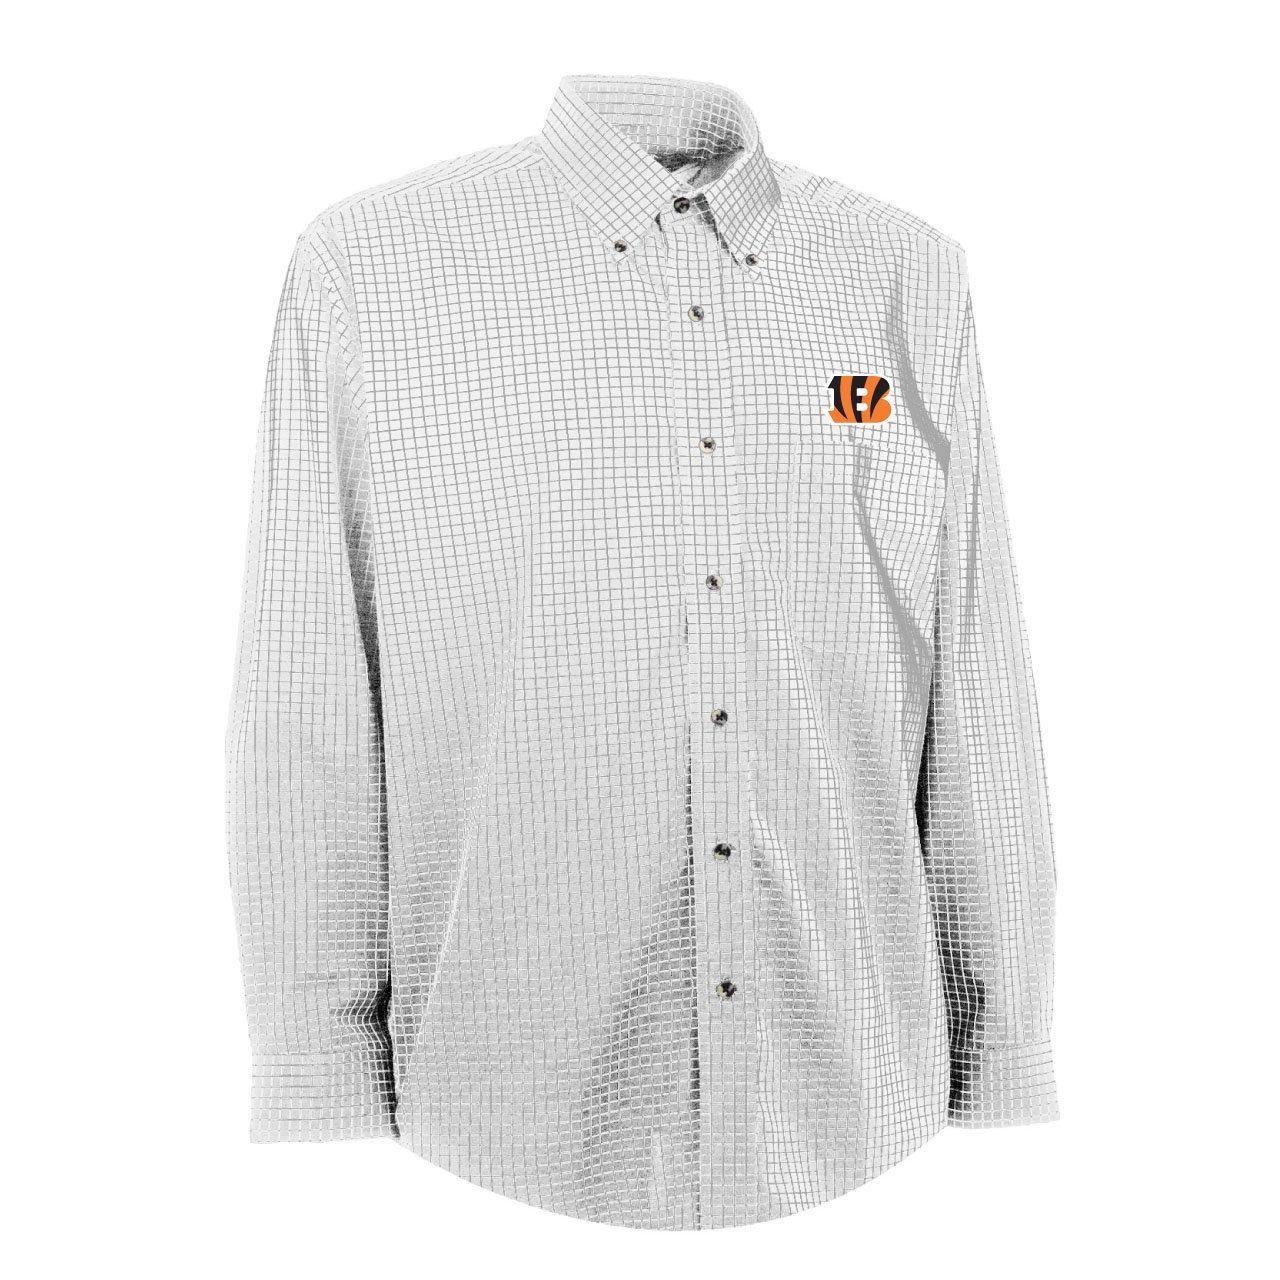 NFLメンズシンシナティベンガルズEsteem織ドレスシャツ Small ホワイト/グレー B0082AGQYY